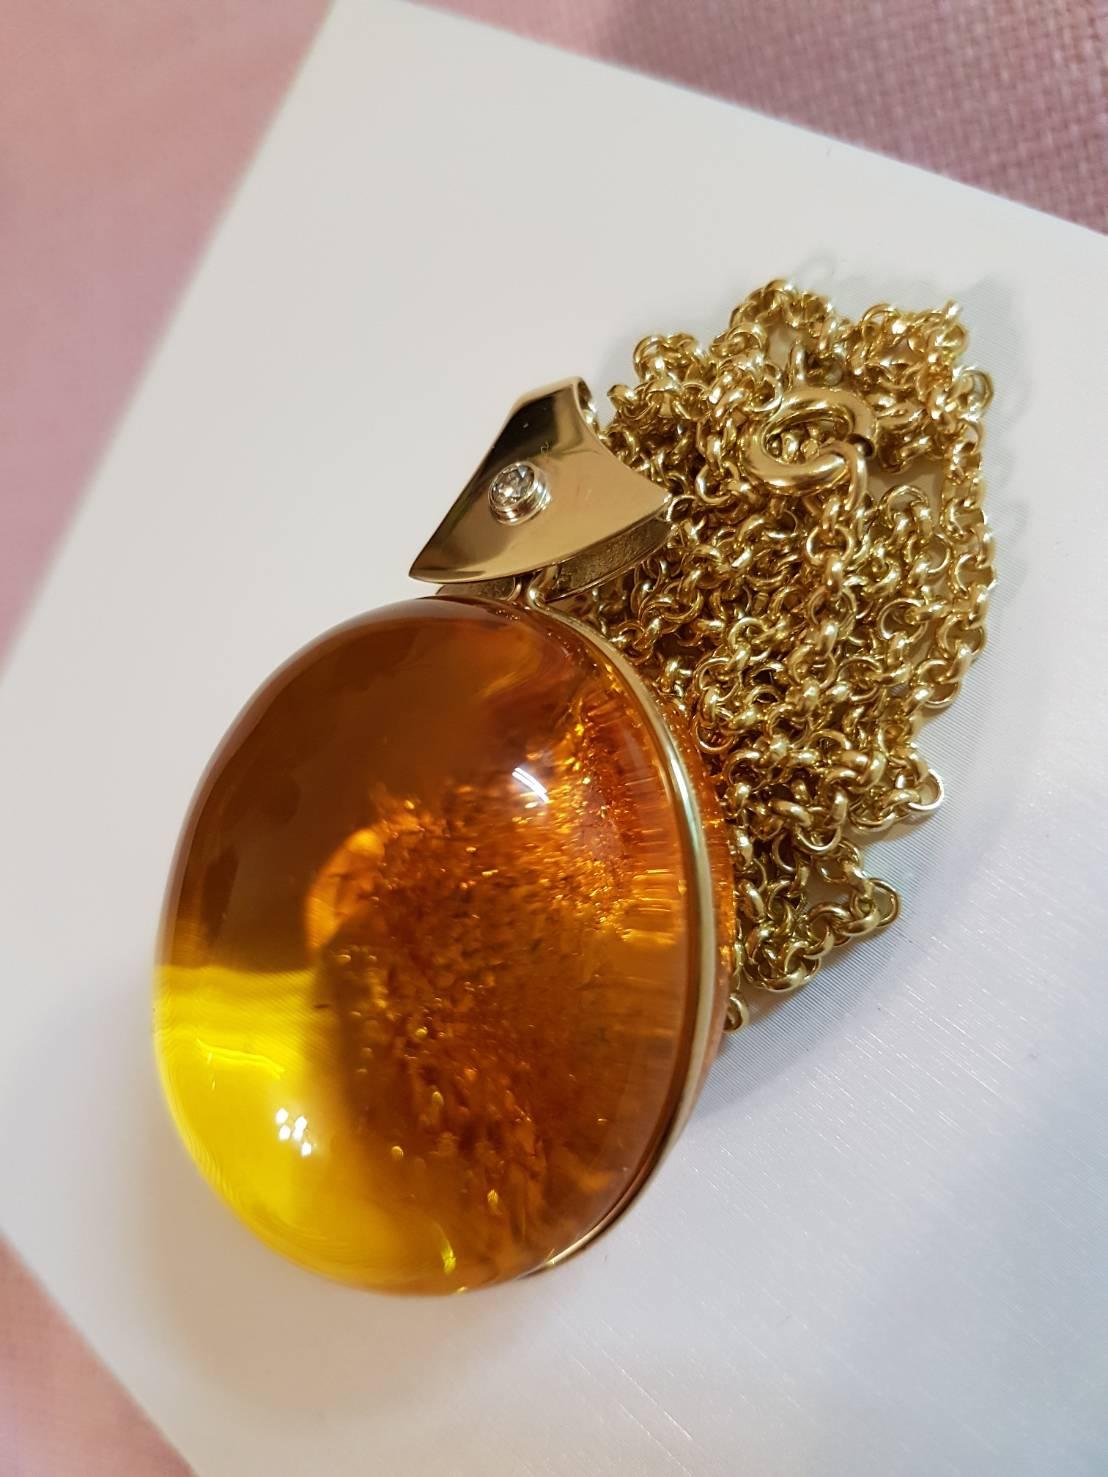 出自波蘭琥珀設計大師之作品-如陽光般奪目光芒的高級珠寶等級之琥珀項鍊